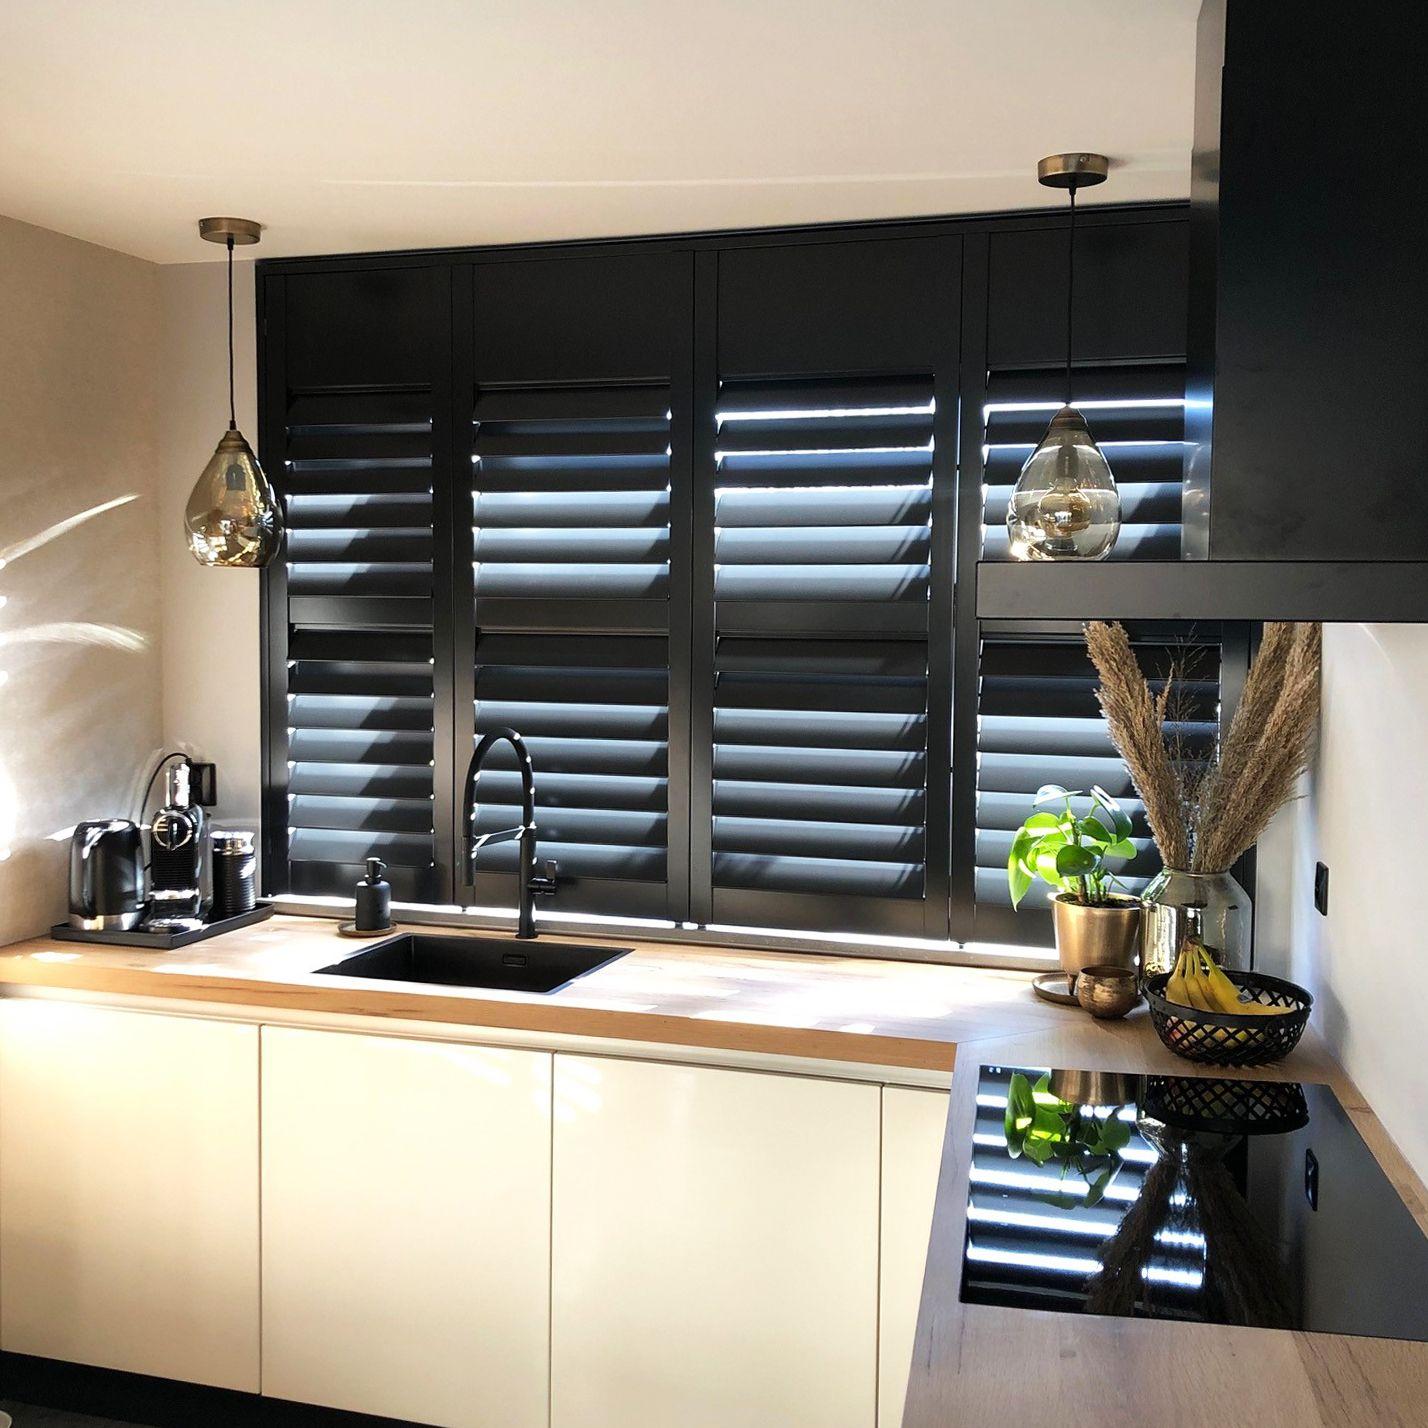 Zwarte Shutters In De Keuken Raambekleding Keukenraam Keuken